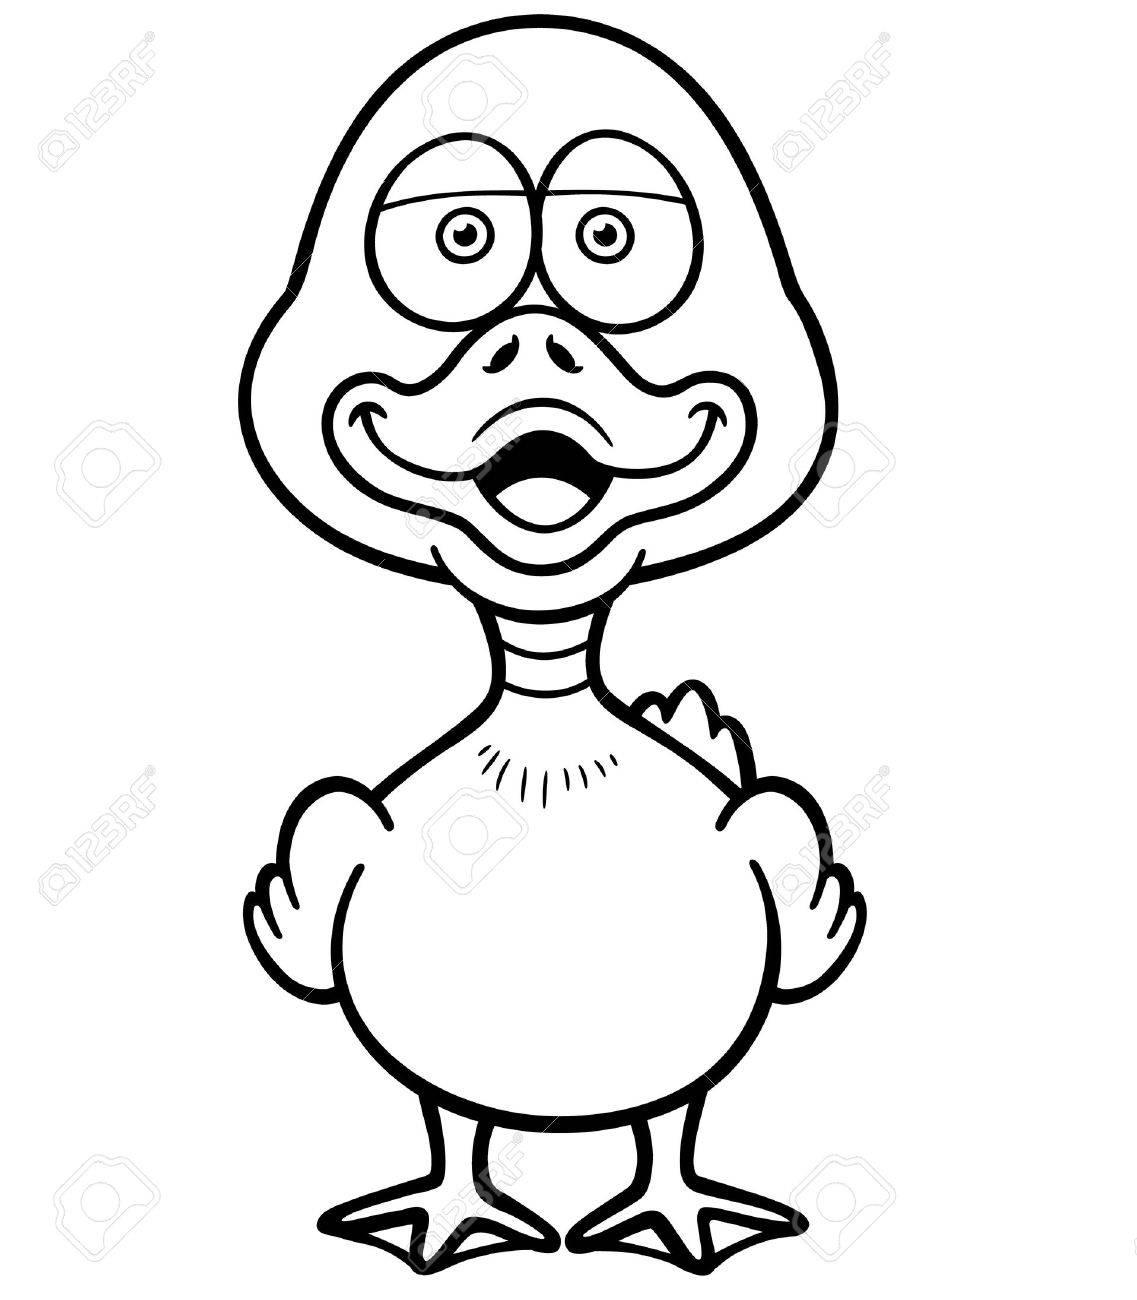 Ilustración Vectorial De Dibujos Animados Del Pato - Libro Para ...